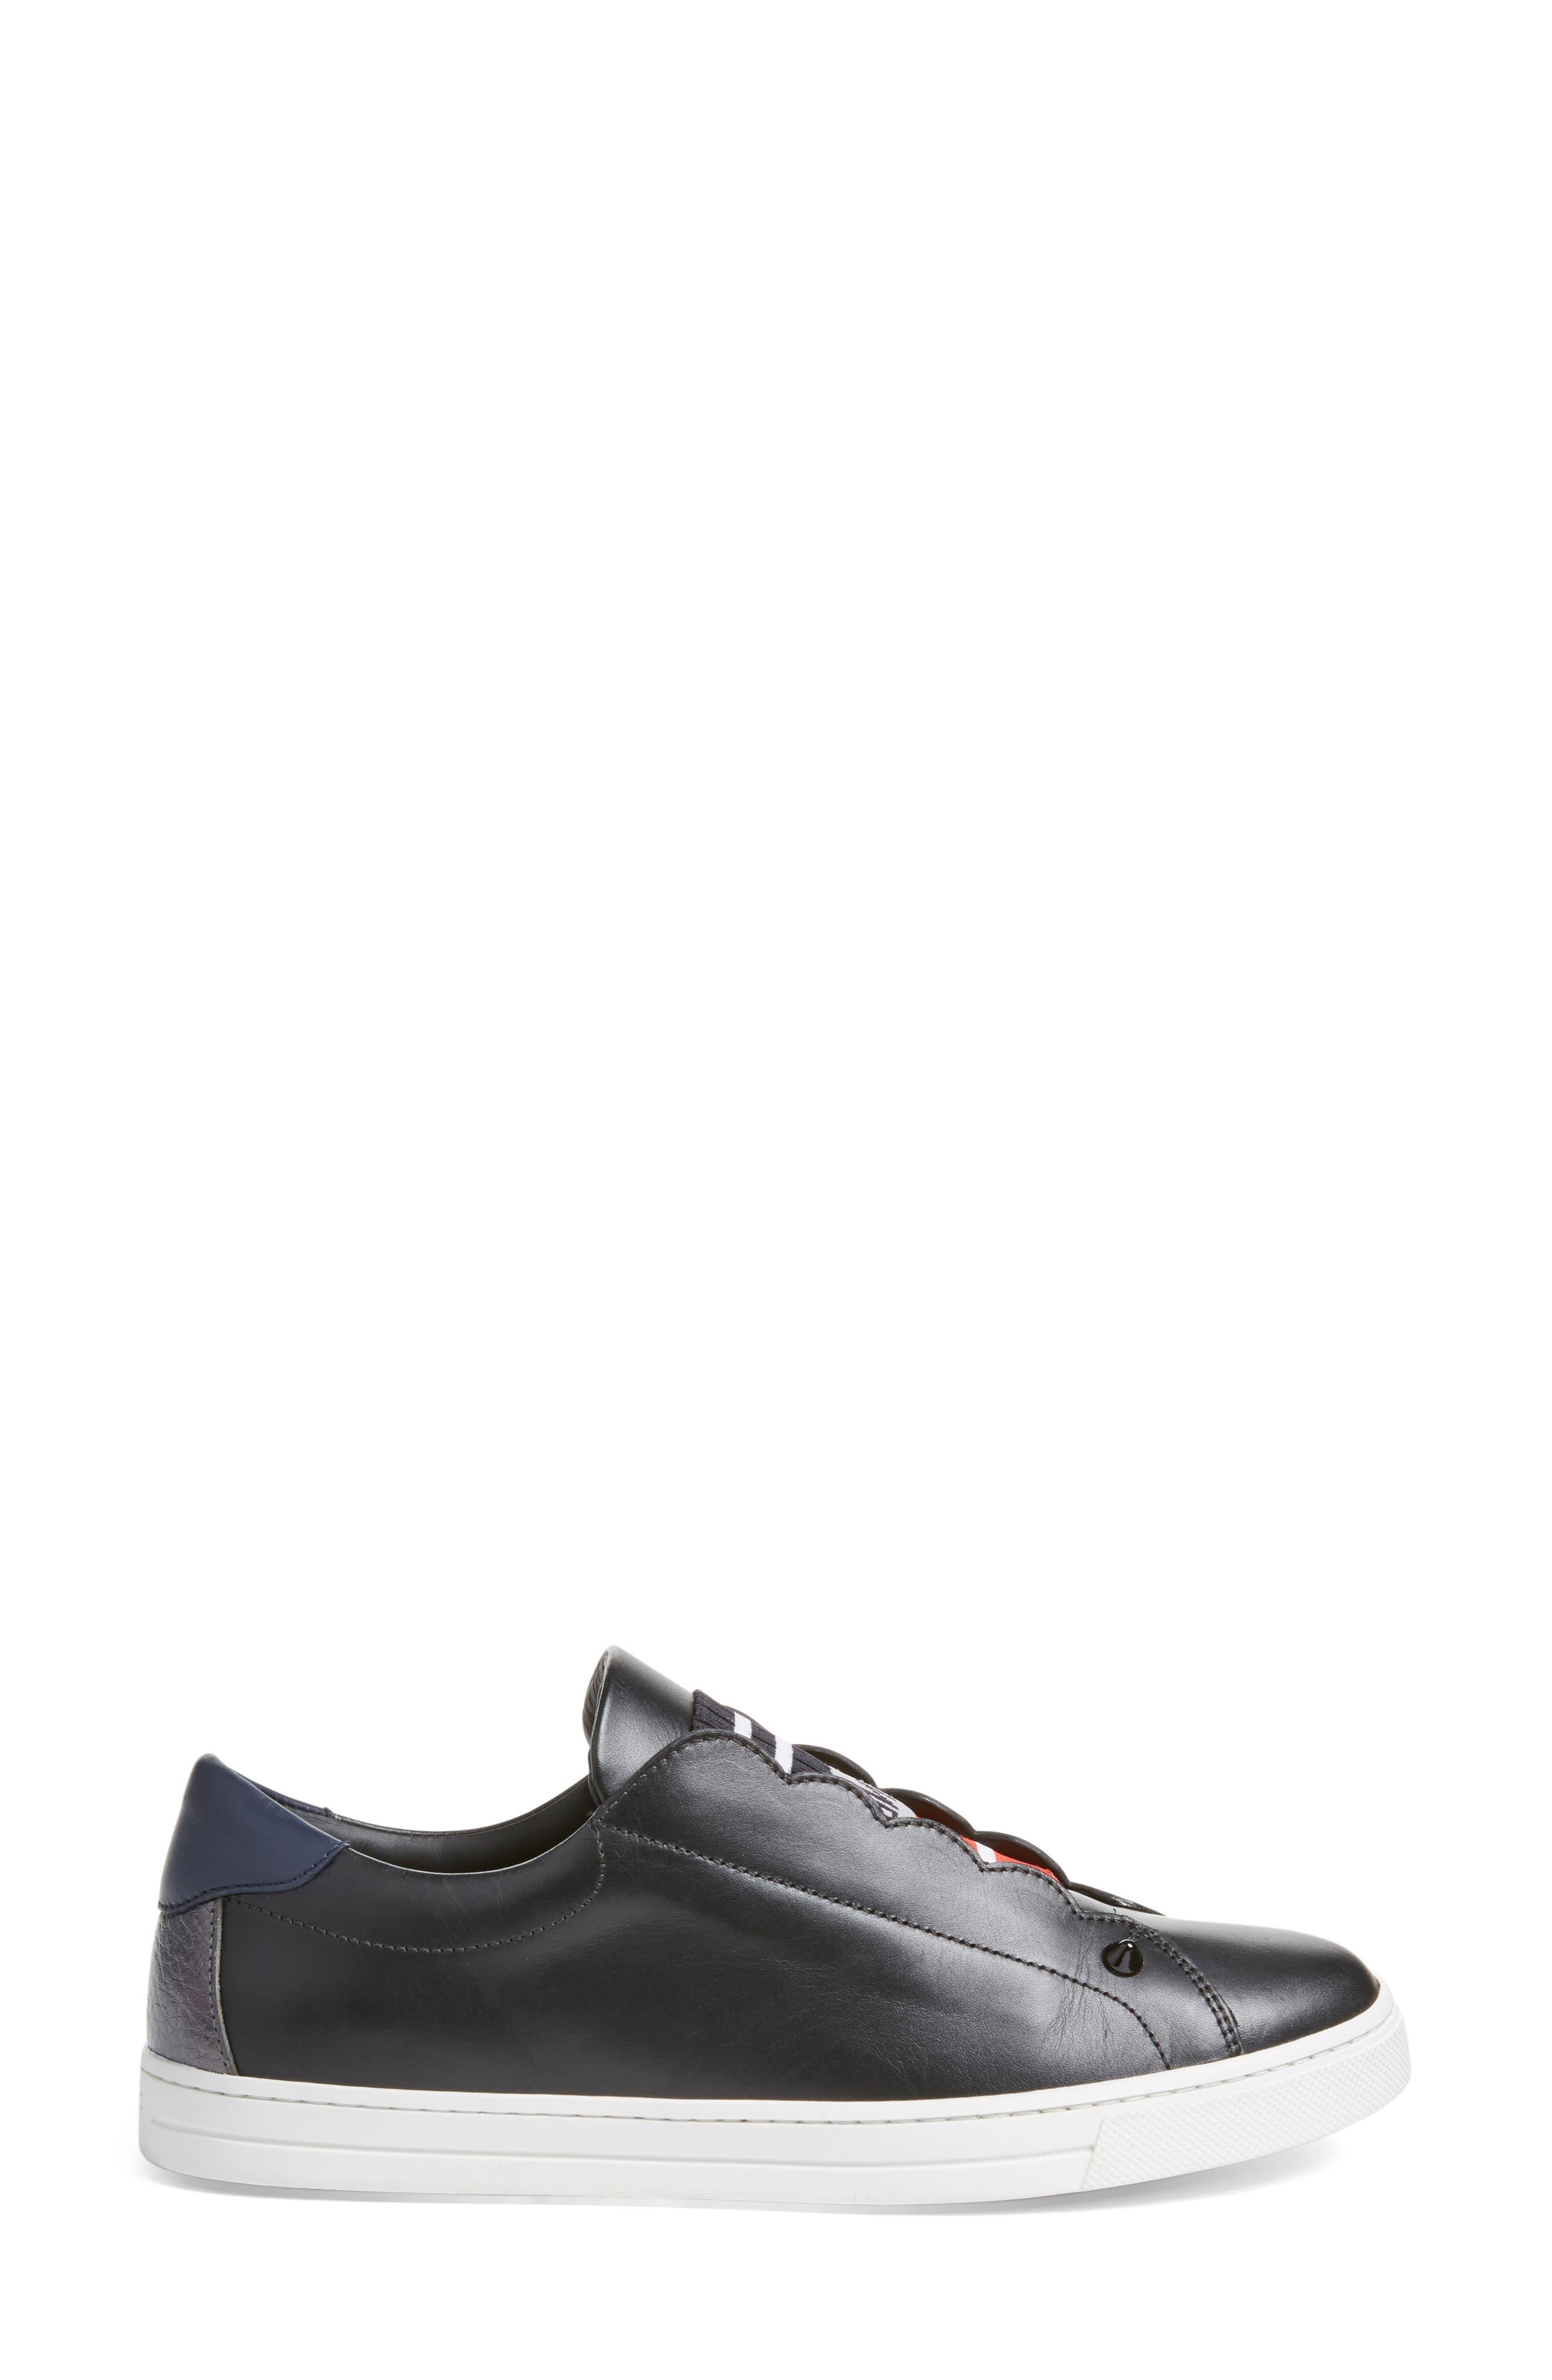 Rockoclick Slip-On Sneaker,                             Alternate thumbnail 3, color,                             001